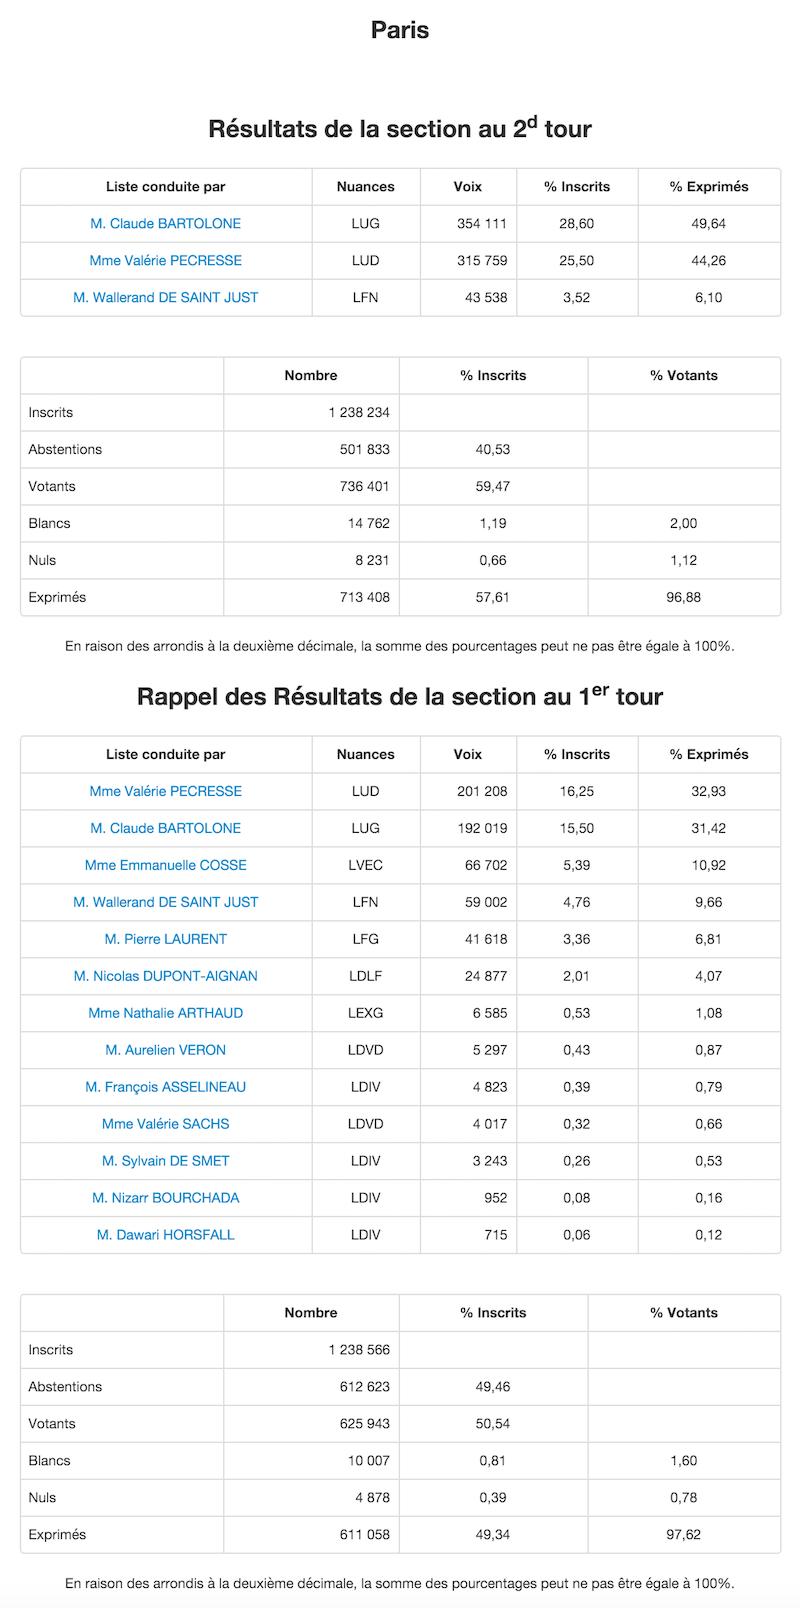 Régionales 2015 et 2010 dans le 2e arrondissement de Paris